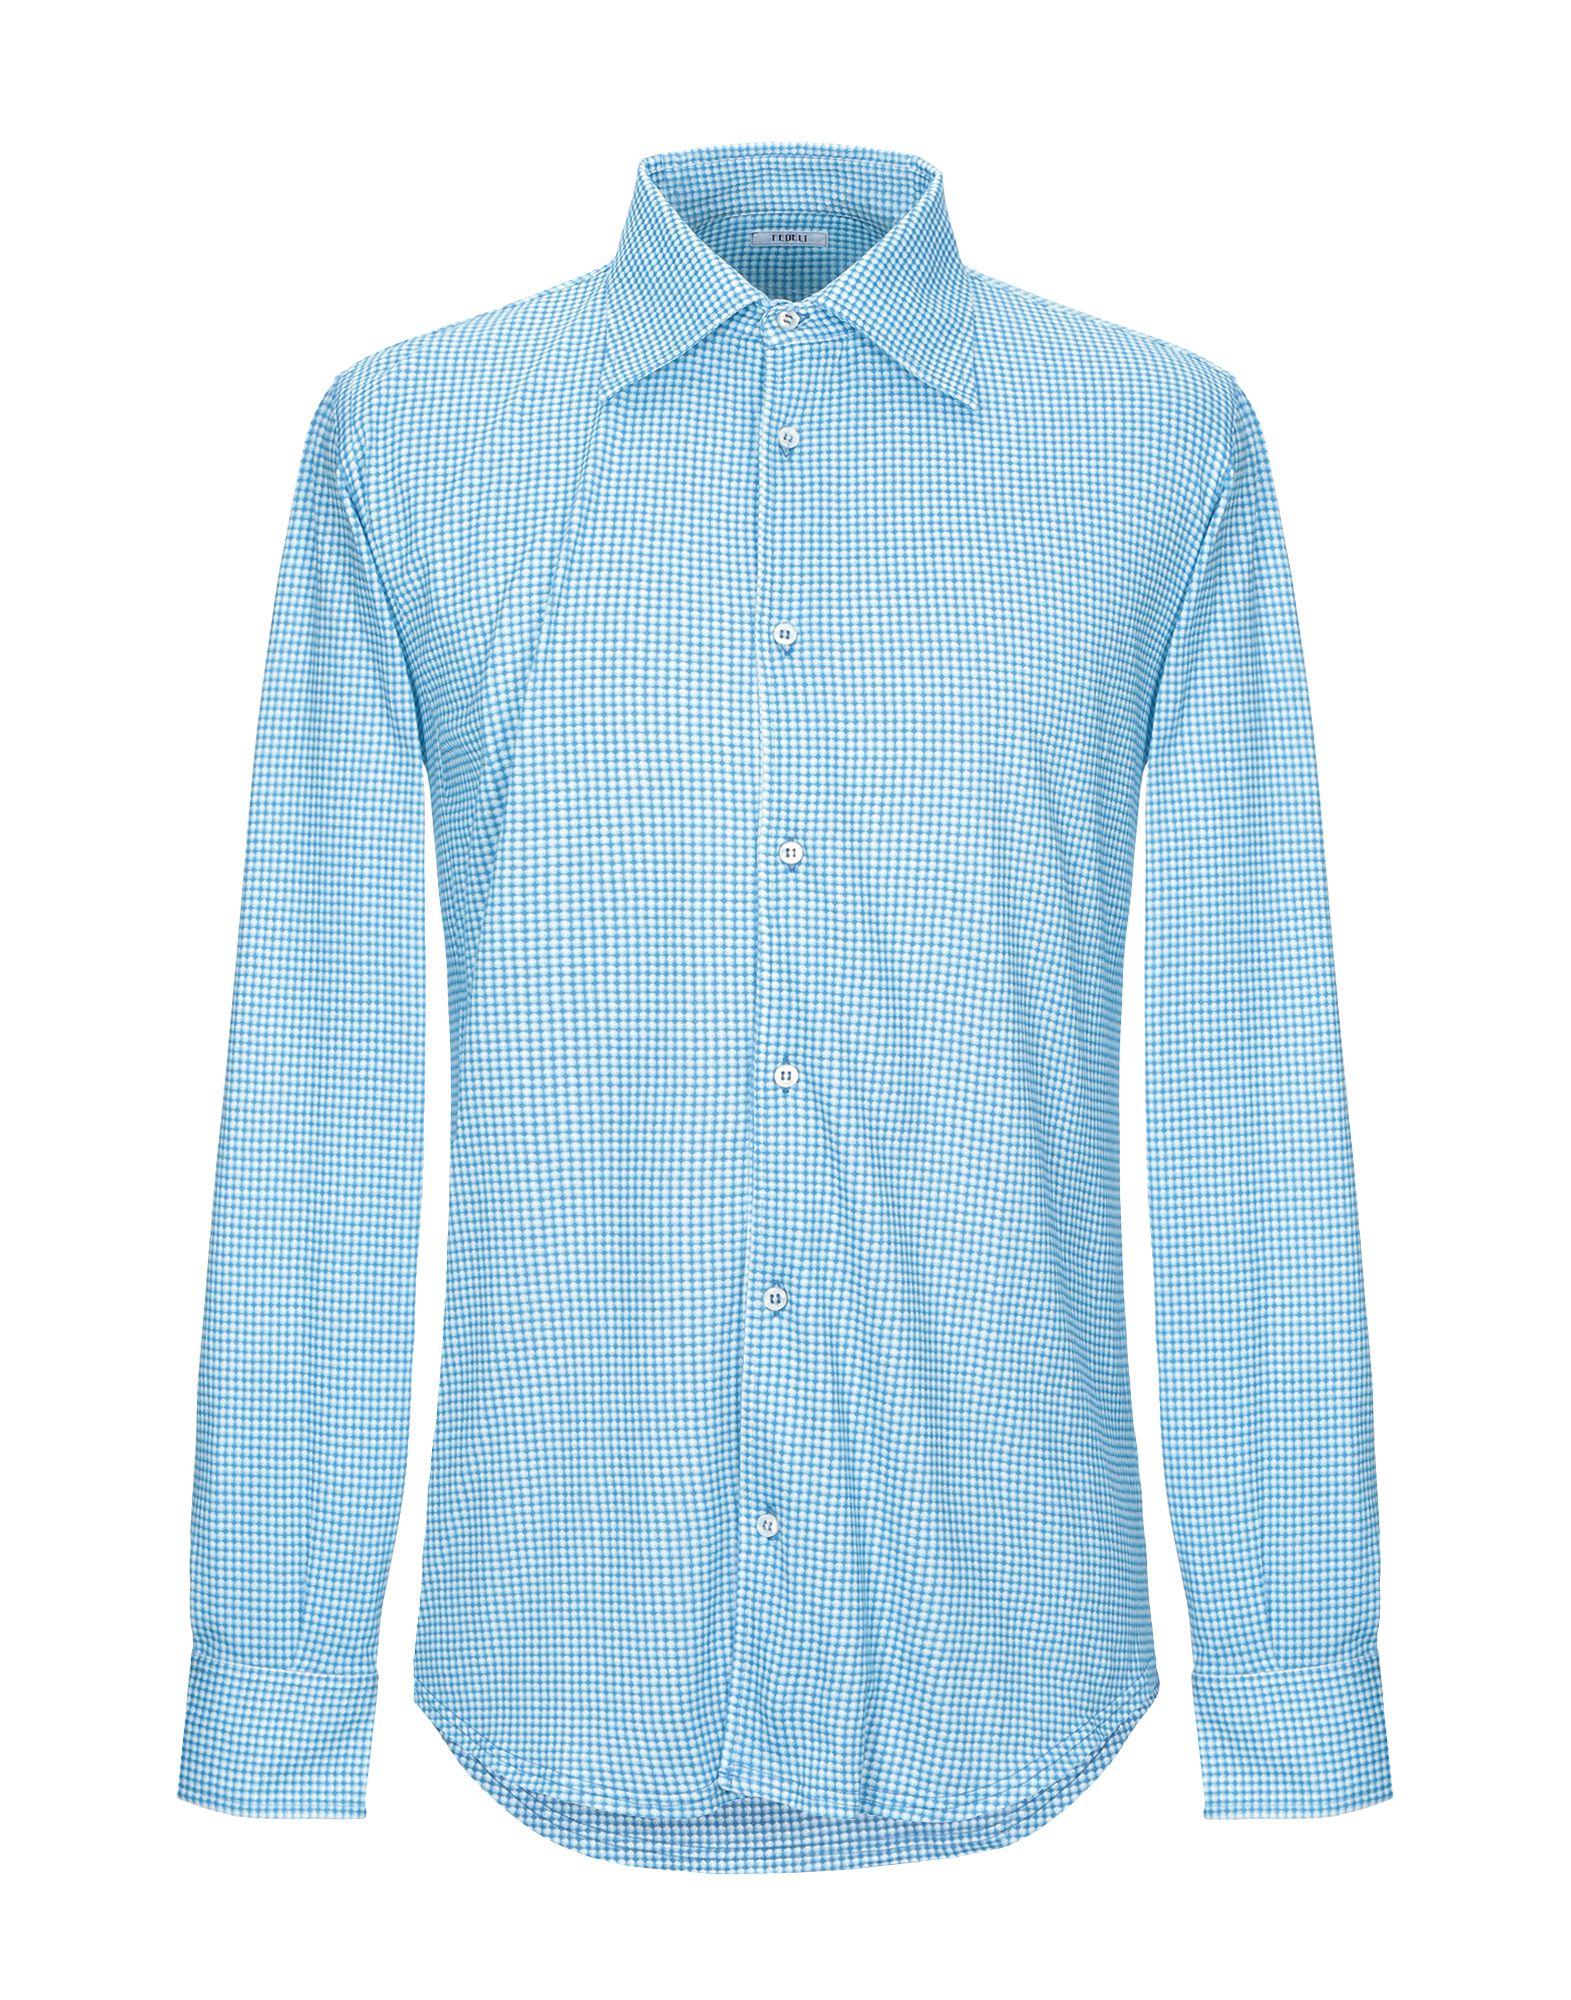 《期間限定セール中》FEDELI メンズ シャツ ターコイズブルー 48 コットン 100%